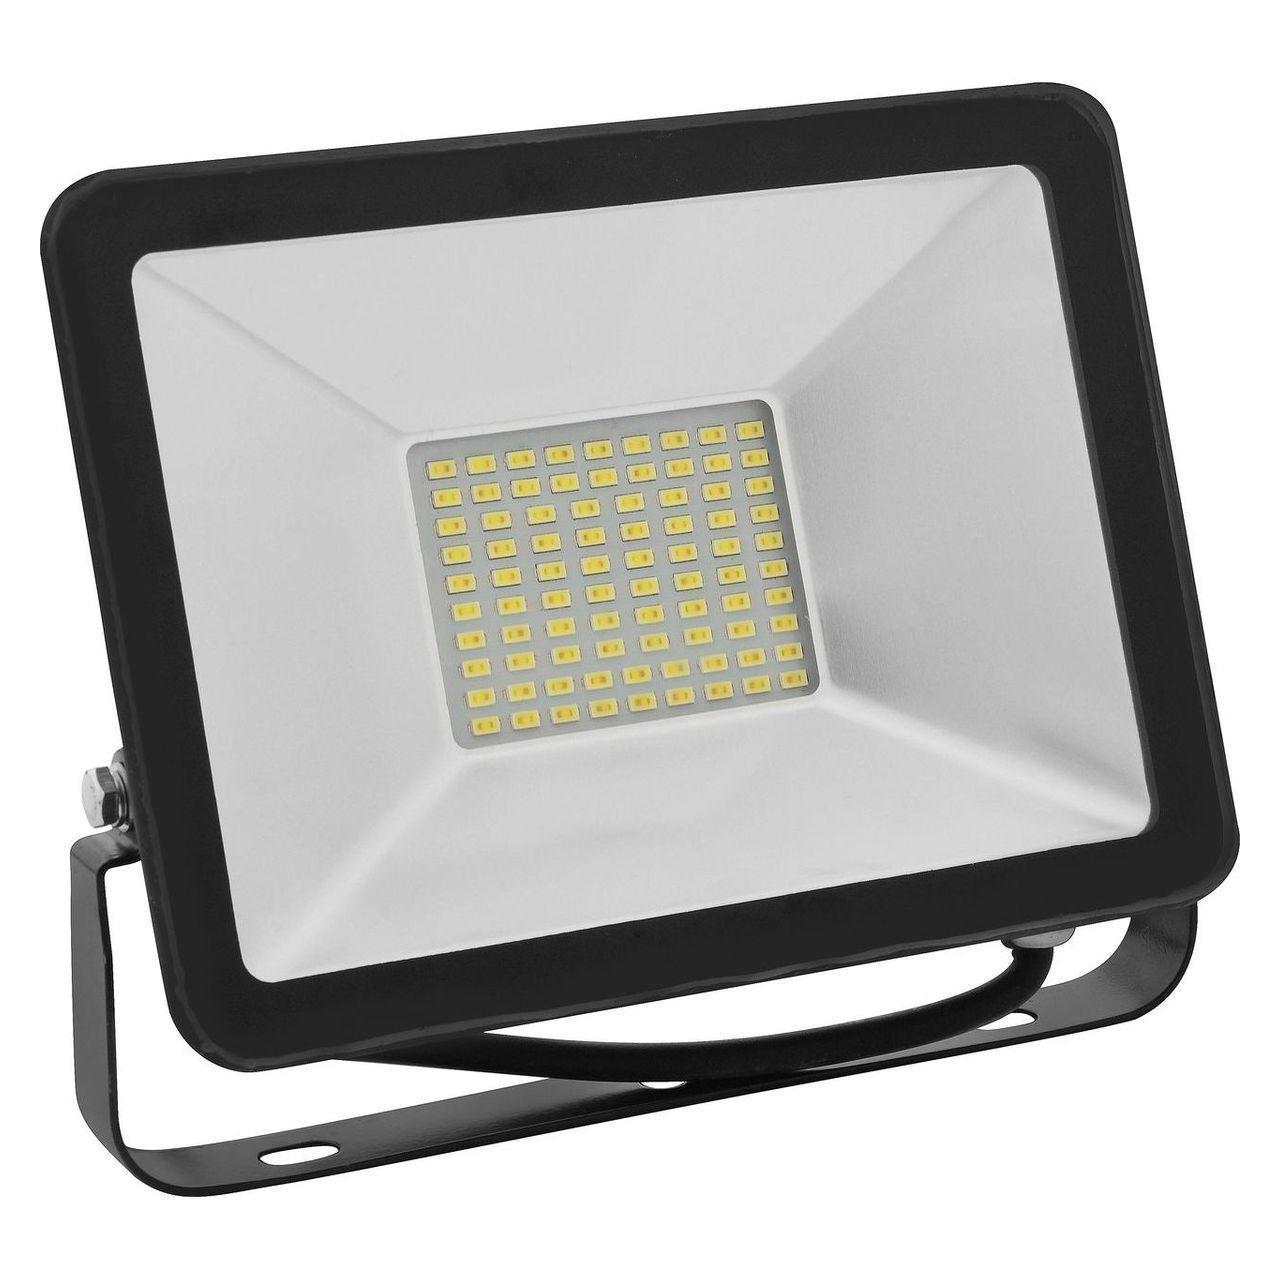 Прожектор светодиодный Horoz 30W 6400K 068-003-0030 (HL177LE) настенный прожектор horoz hl170le 068 003 0100 черный